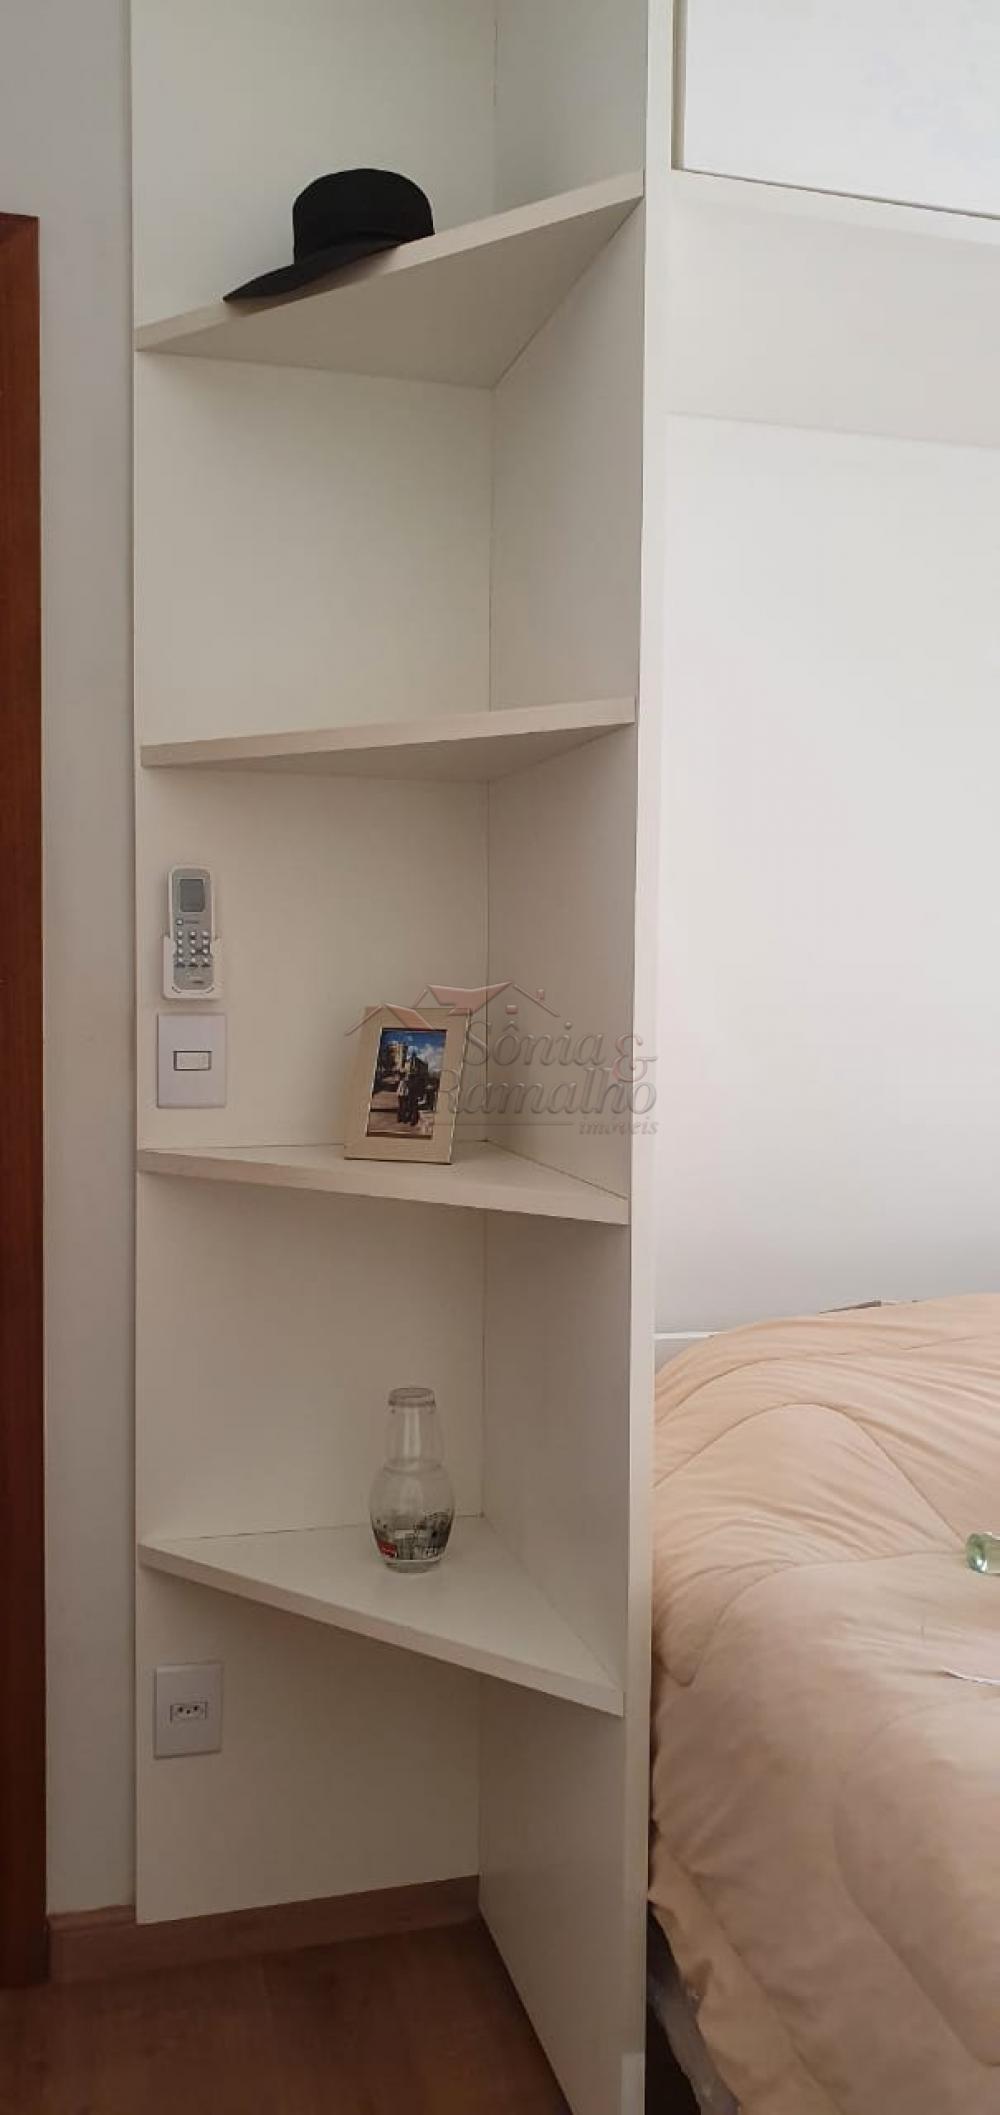 Alugar Apartamentos / Padrão em Ribeirão Preto apenas R$ 777,77 - Foto 26